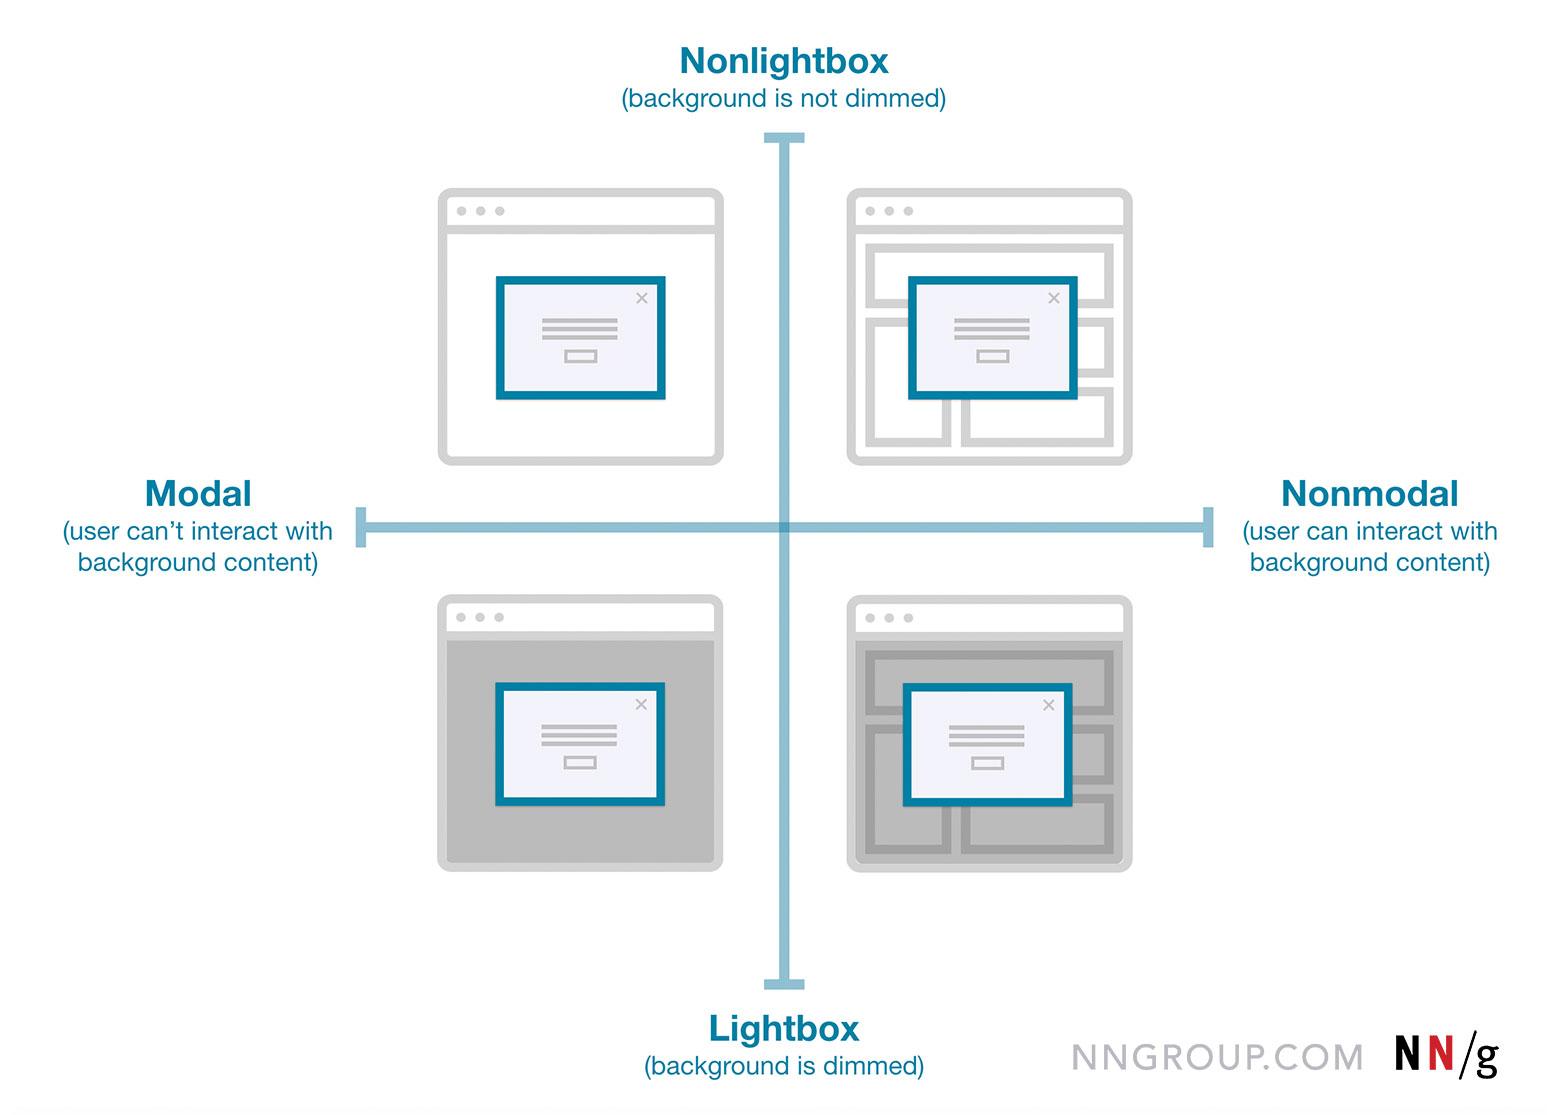 Lightbox external website